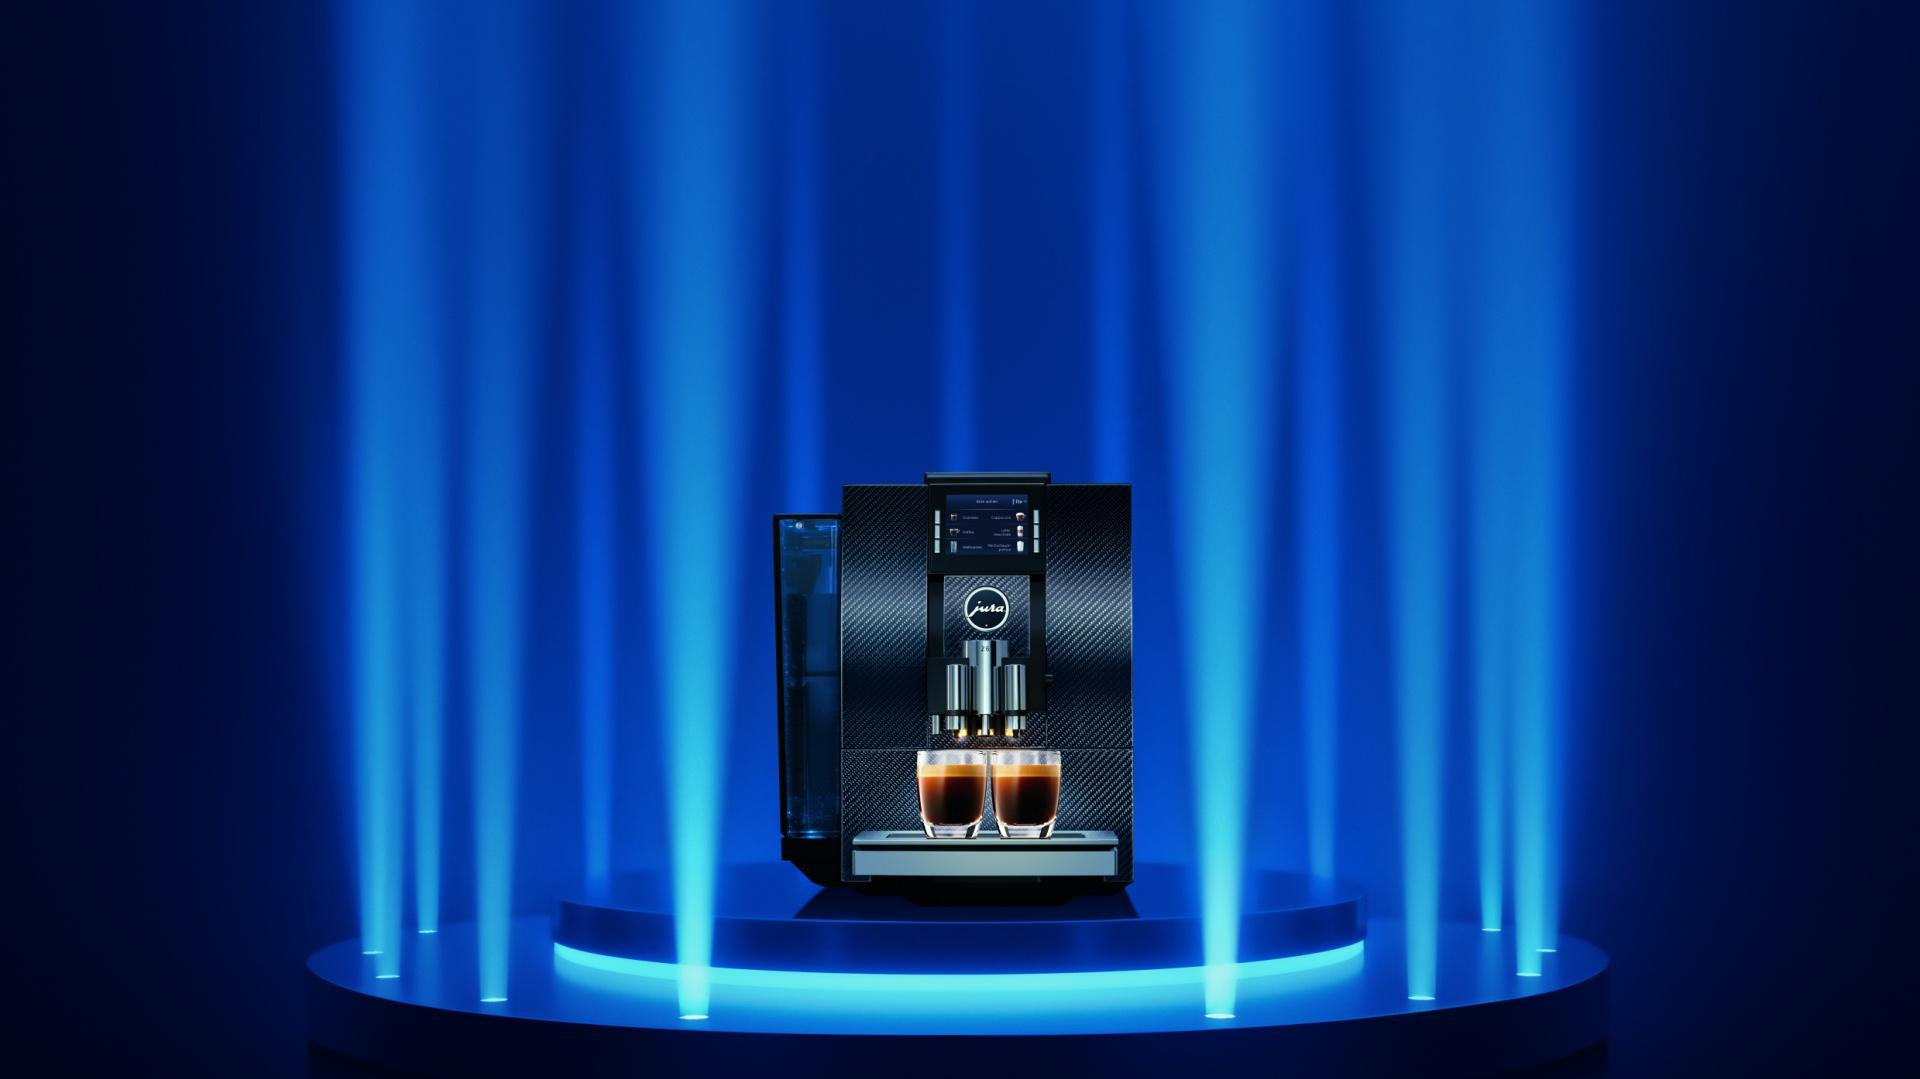 JURA stała się synonimem doświadczenia idealnej kawy. Zaprojektowane  i skonstruowane w Szwajcarii automatyczne ekspresy do kawy JURA pozwalają przygotować wyrafinowane napoje kawowe, które zaspokoją rozmaite gusta. Poprzez inteligentne korzystanie z technologii JURA tworzy supernowoczesne produkty, m.in. pod względem oszczędzania energii. Fot. Jura.